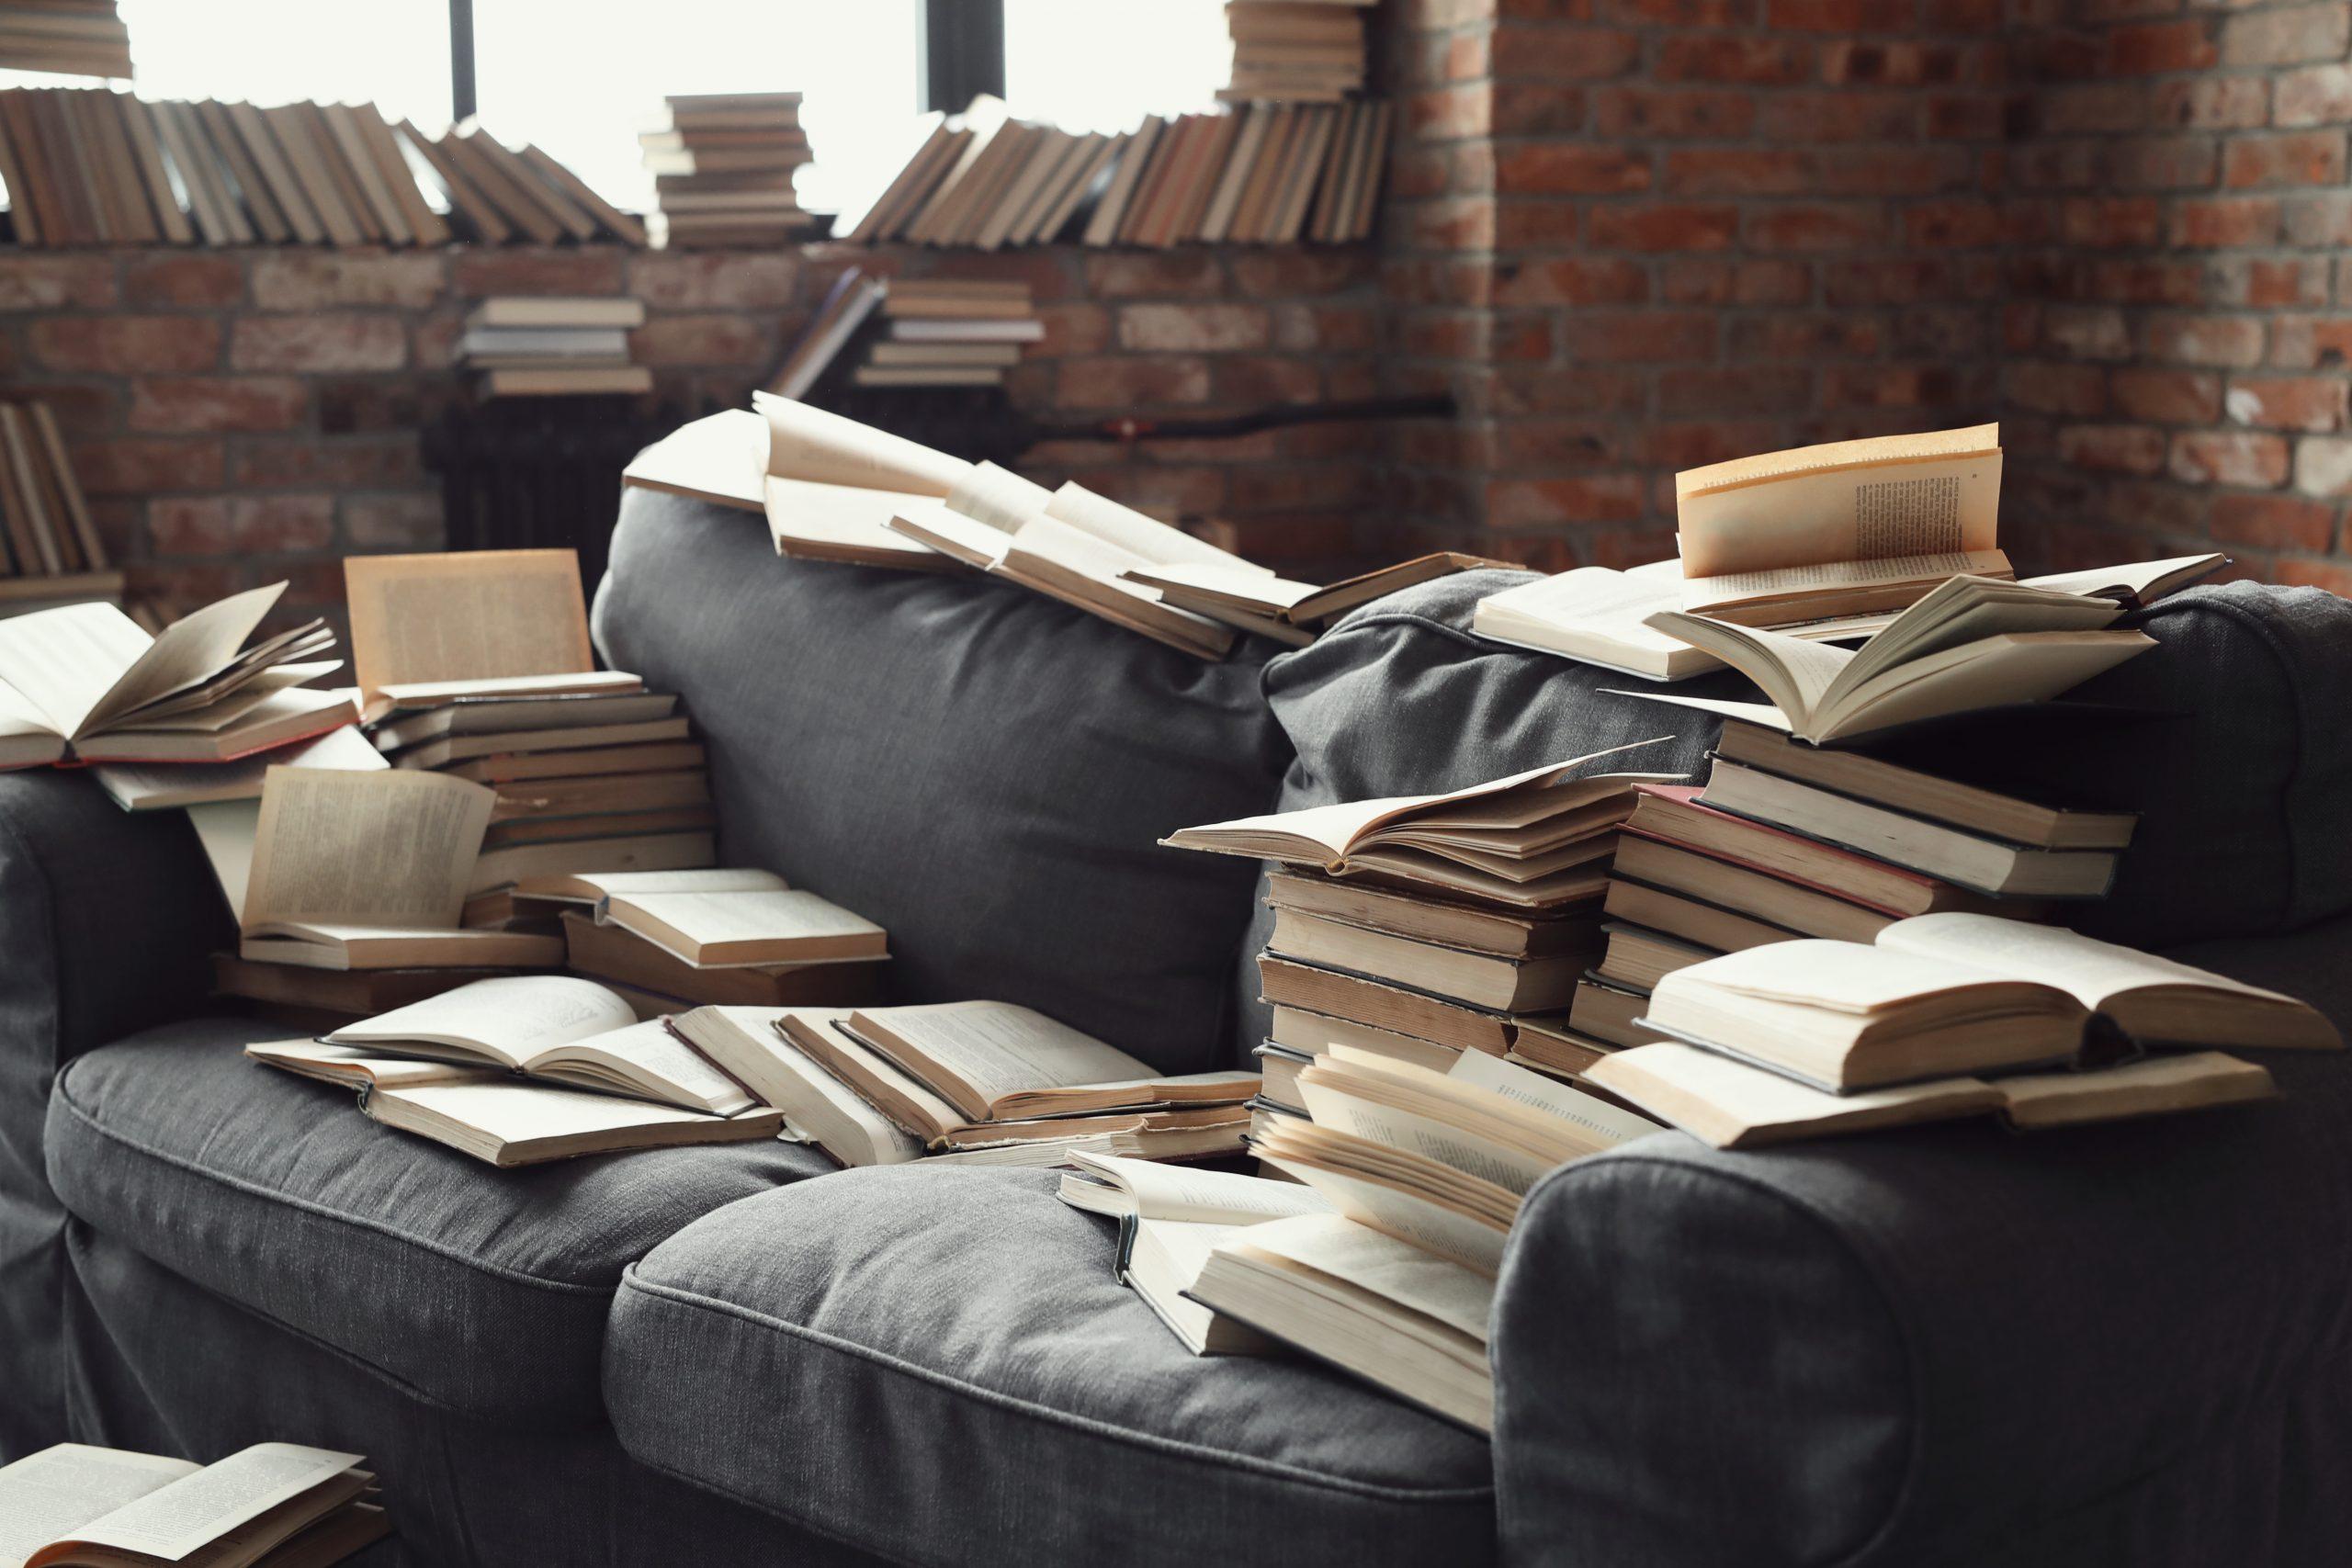 Hier würde ein Bücherregal Ordnung ins Chaos bringen.